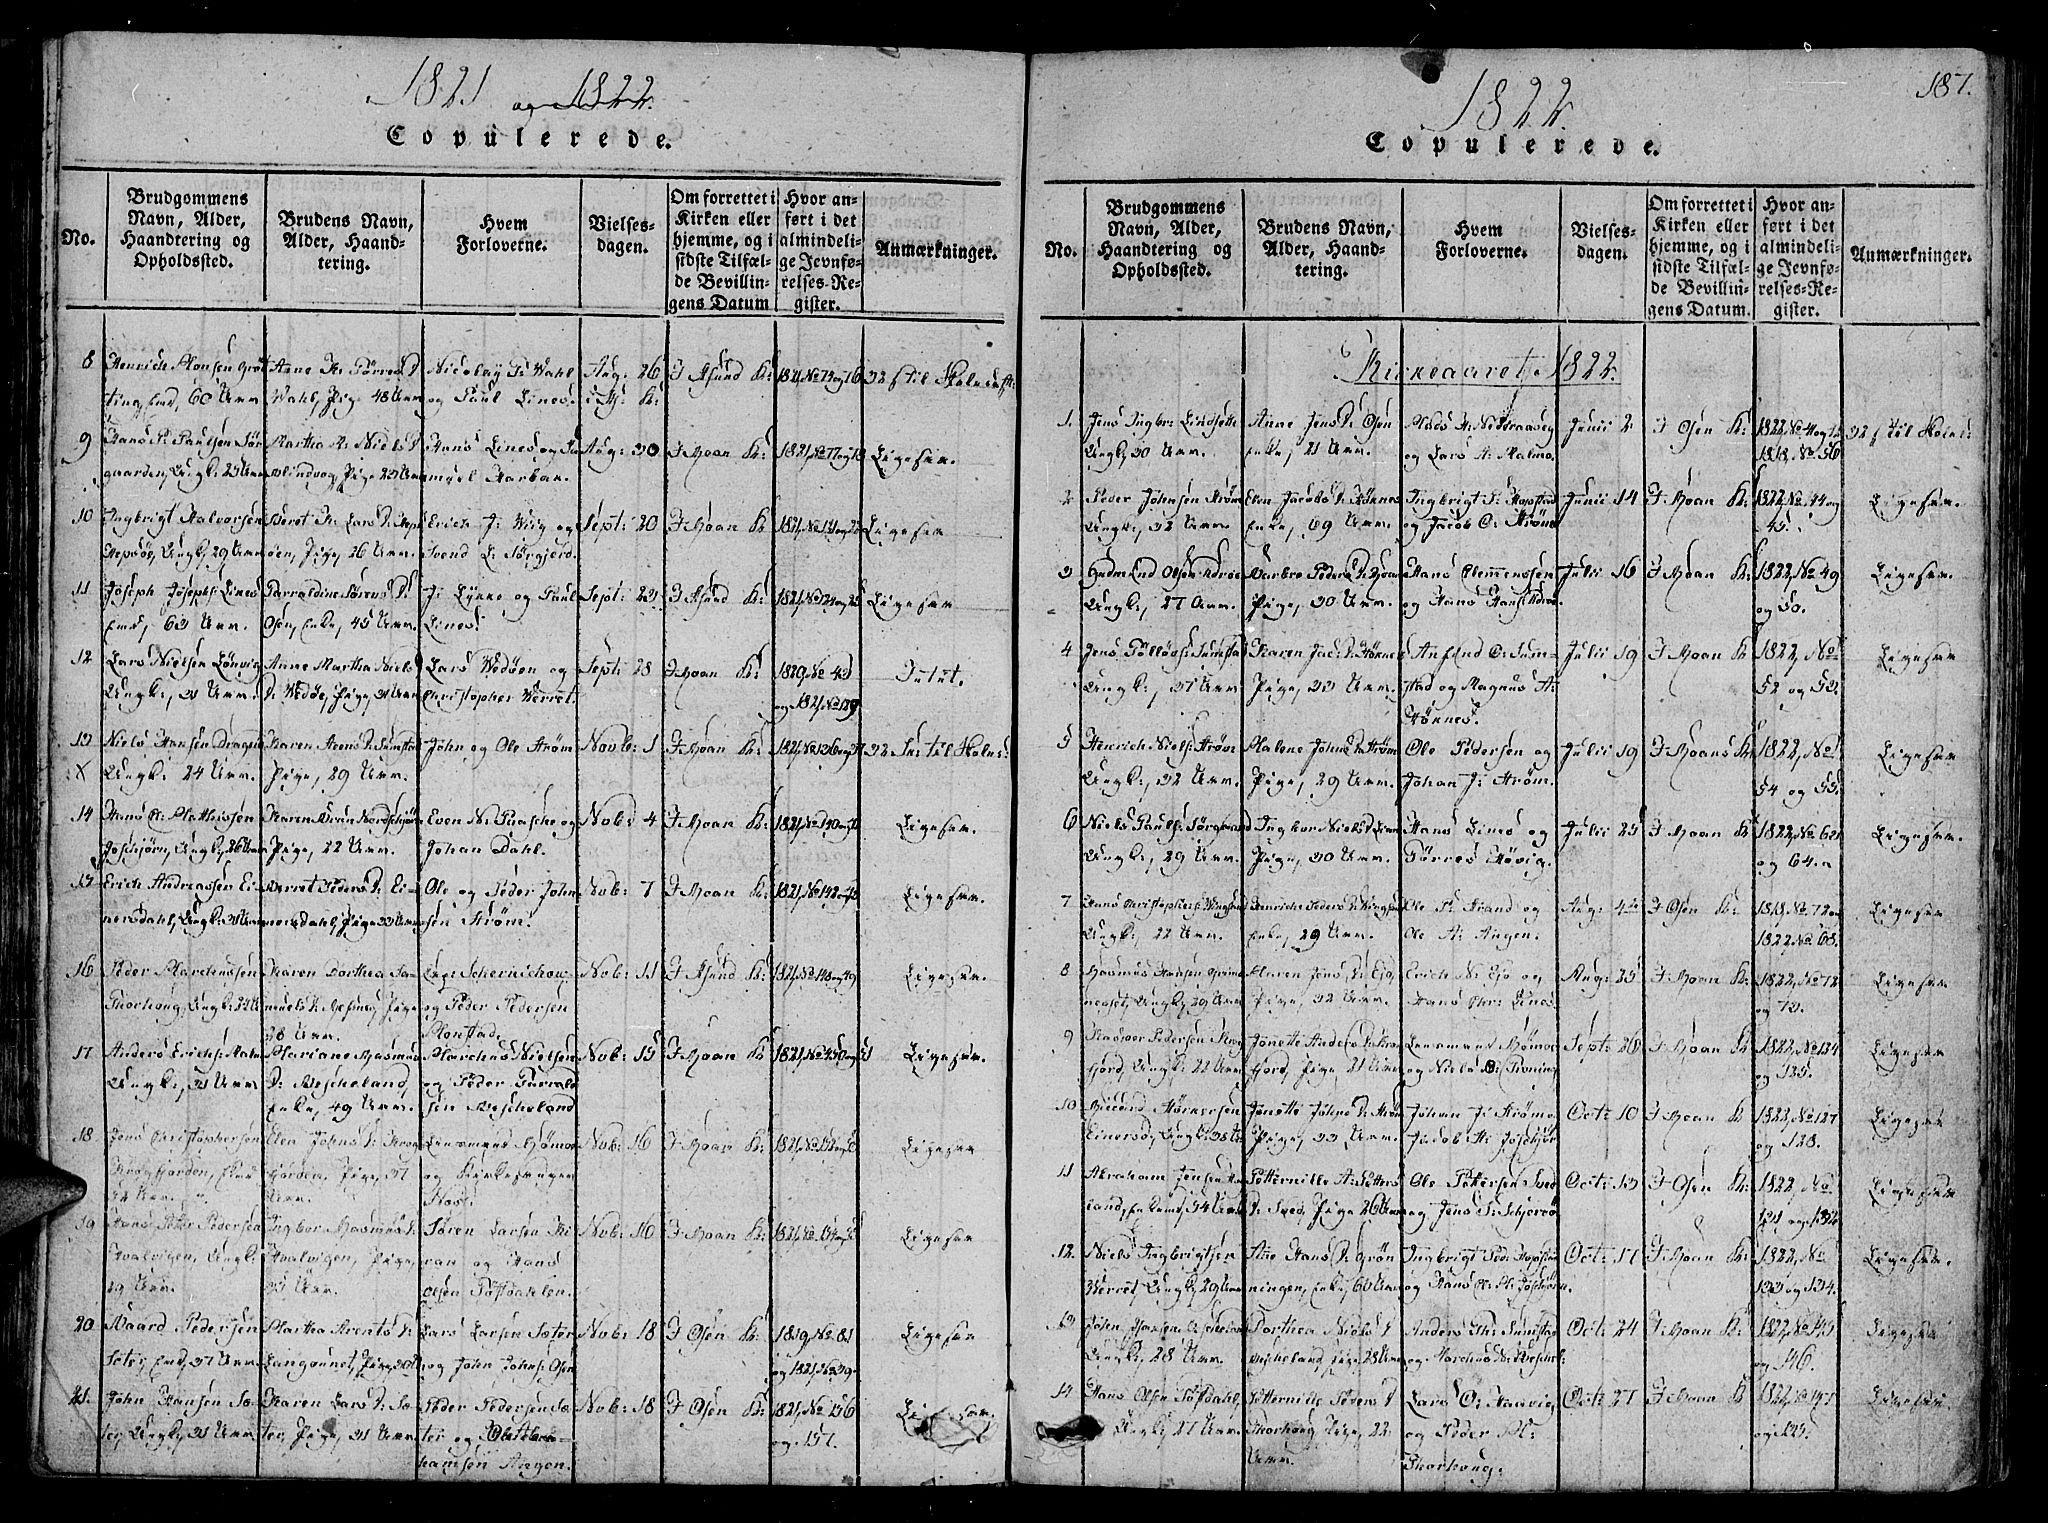 SAT, Ministerialprotokoller, klokkerbøker og fødselsregistre - Sør-Trøndelag, 657/L0702: Ministerialbok nr. 657A03, 1818-1831, s. 187